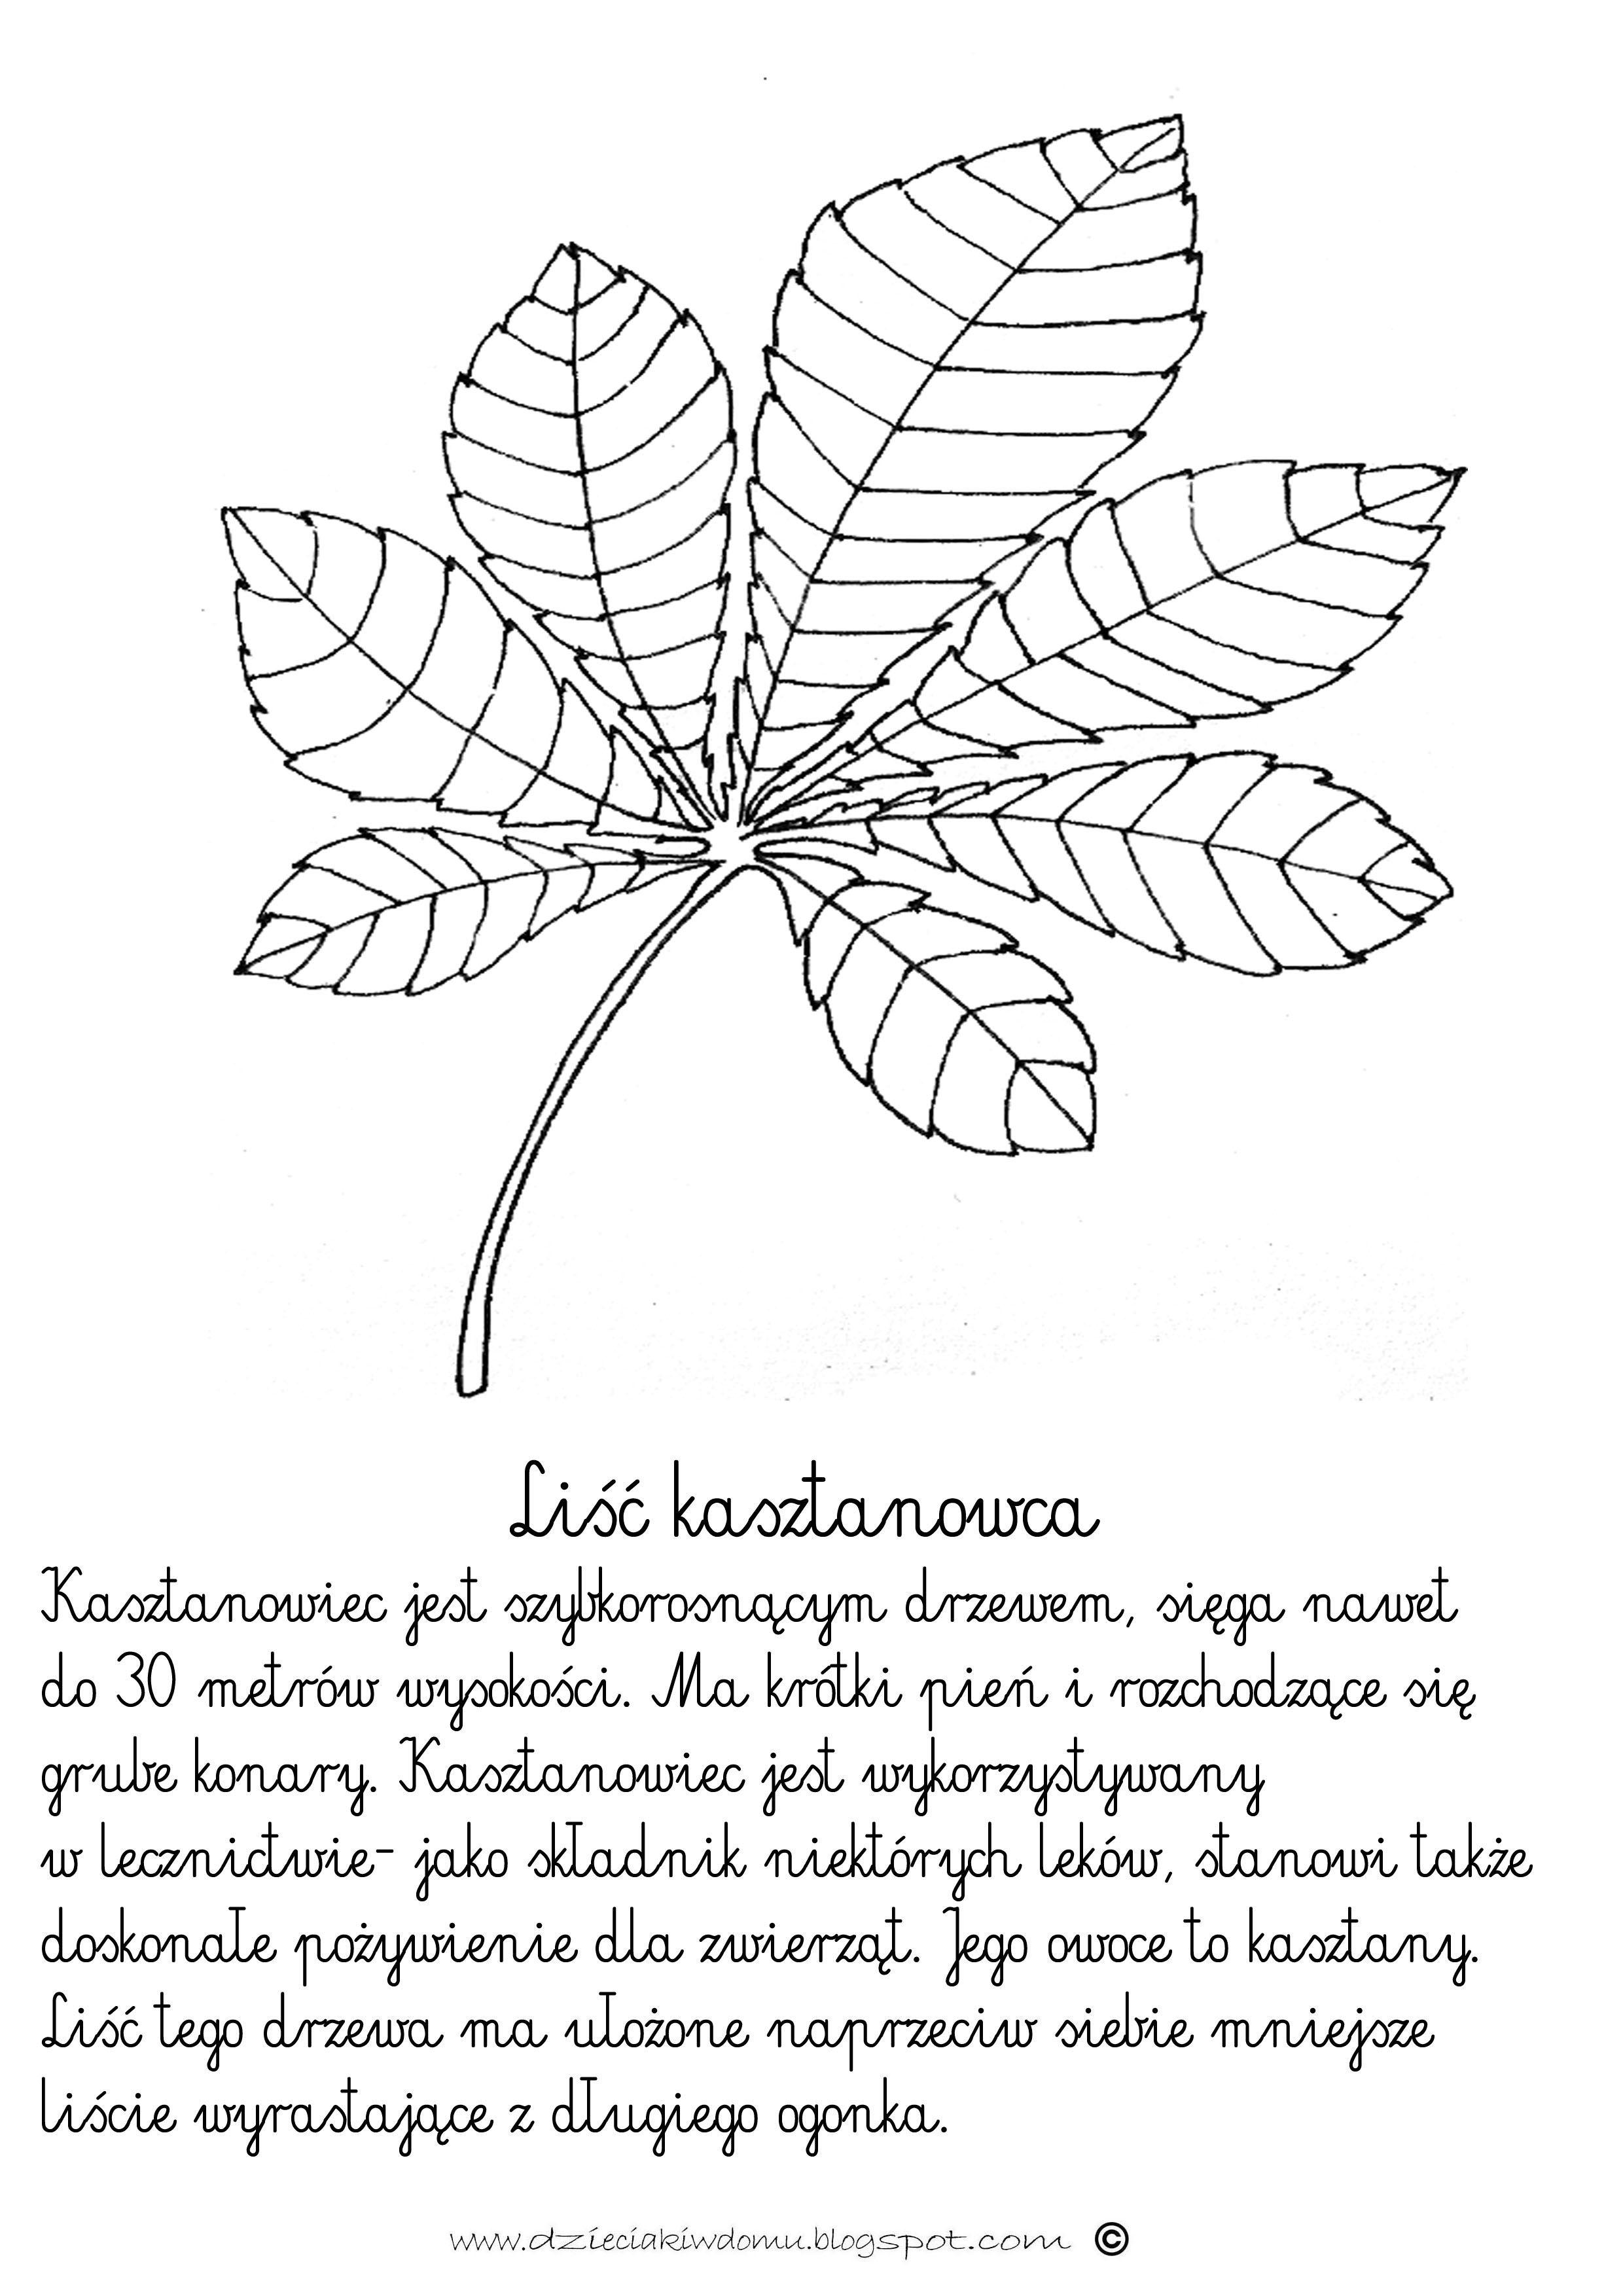 Li Kasztanowca Ieciakiwdomuspot